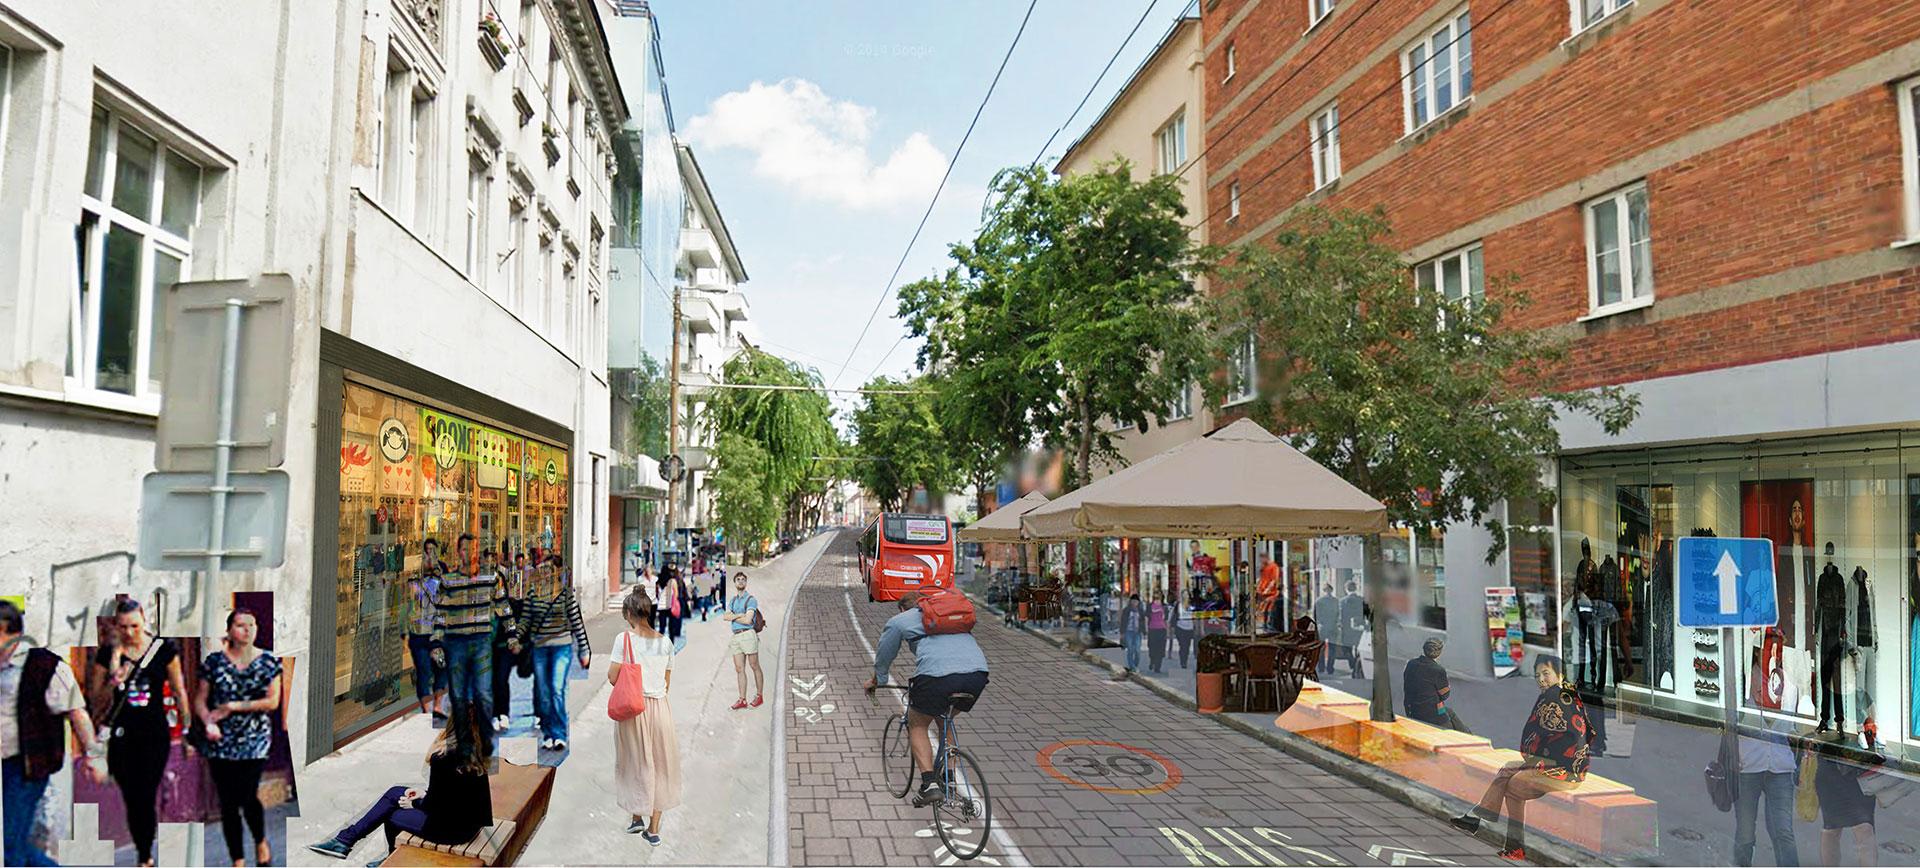 Mickiewiczova môže byť príjemnou ulicou